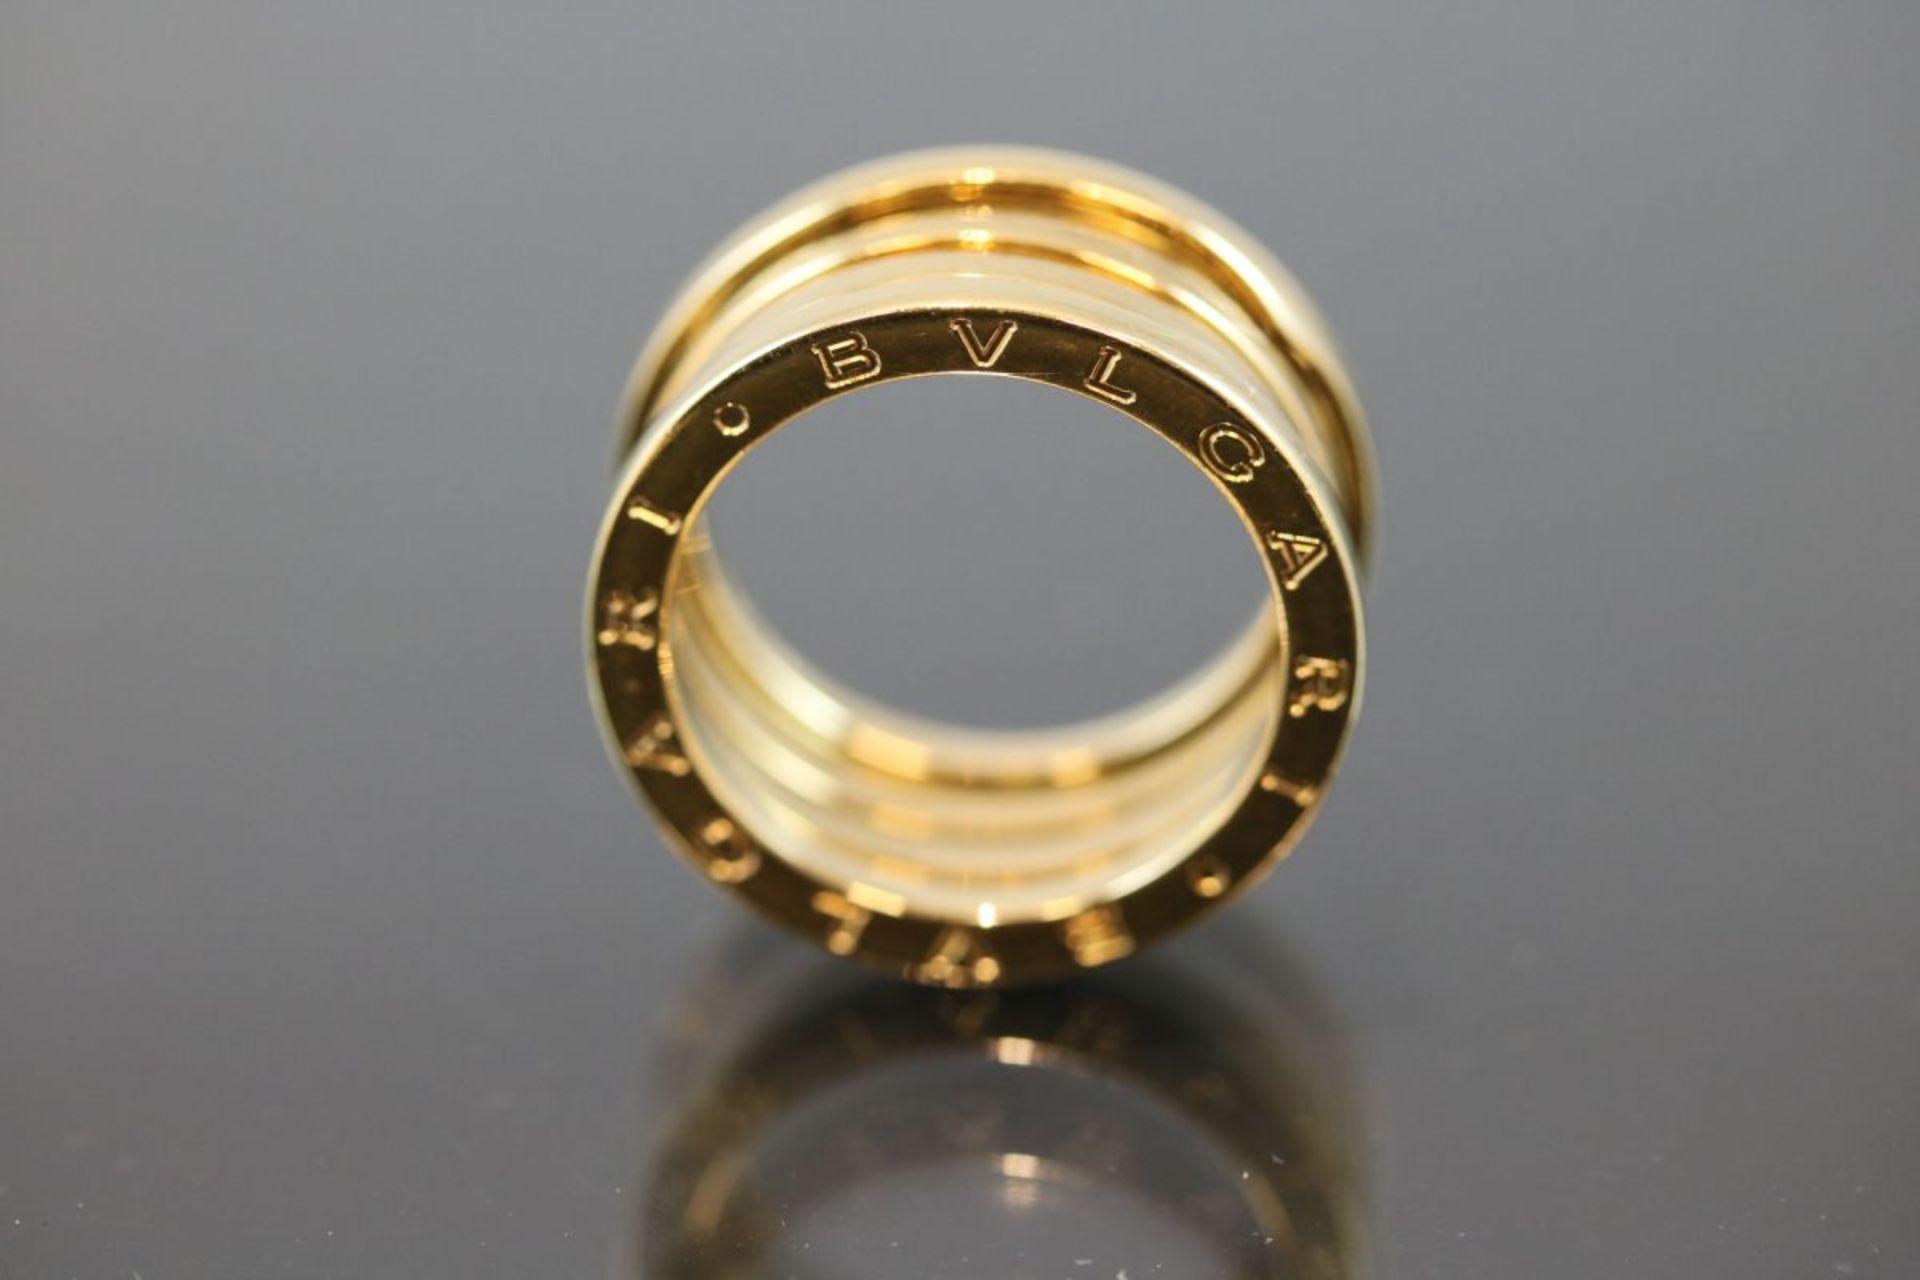 Bulgari-Ring, 750 Gold11,5 Gramm Ringgröße: 57Schätzpreis: 2050,- - Bild 2 aus 3